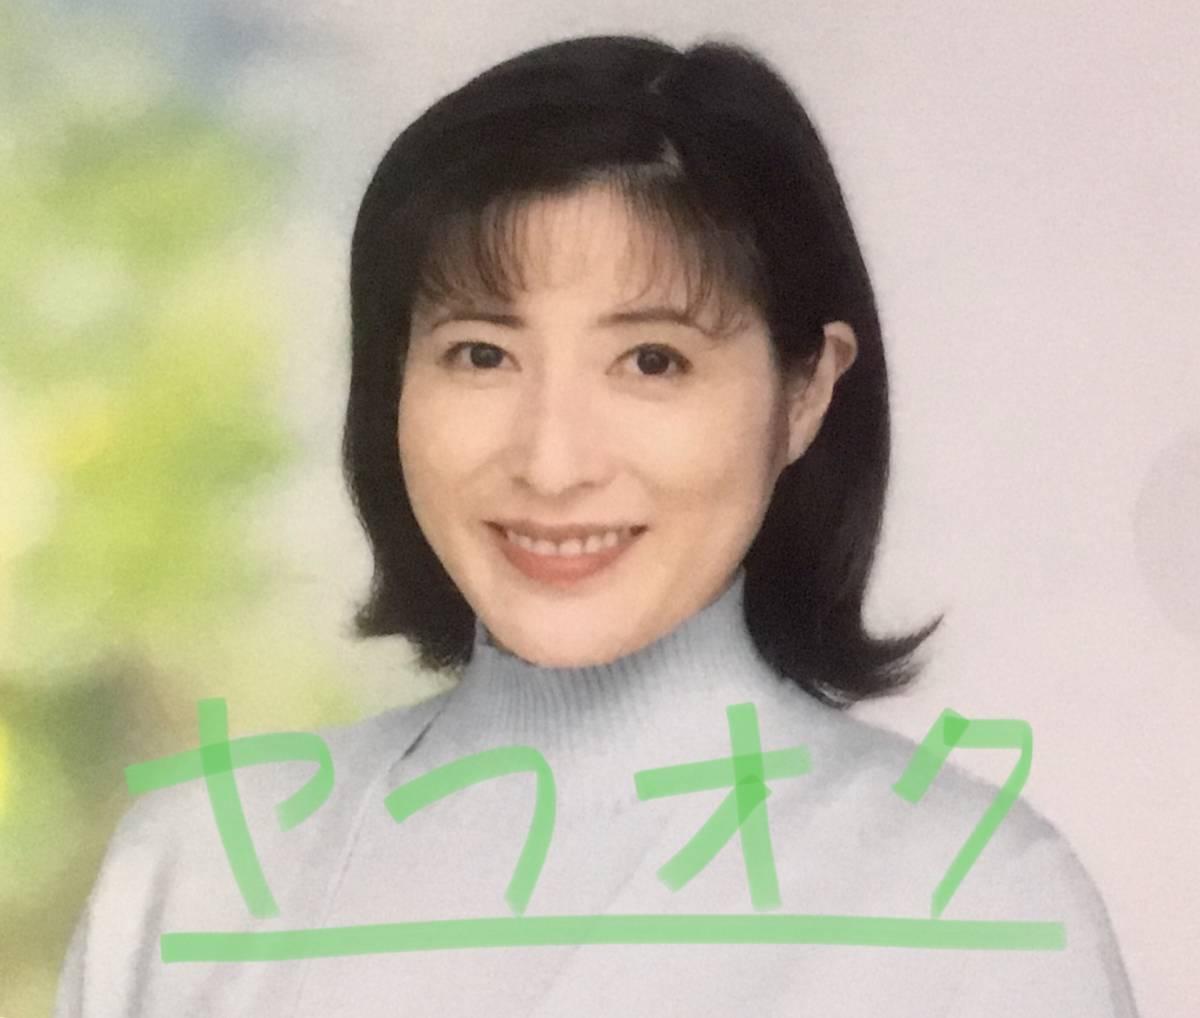 新着New★女優:岡江久美子(おかえくみこ)★非売品クリアファイル/関西電力G_人物アップ